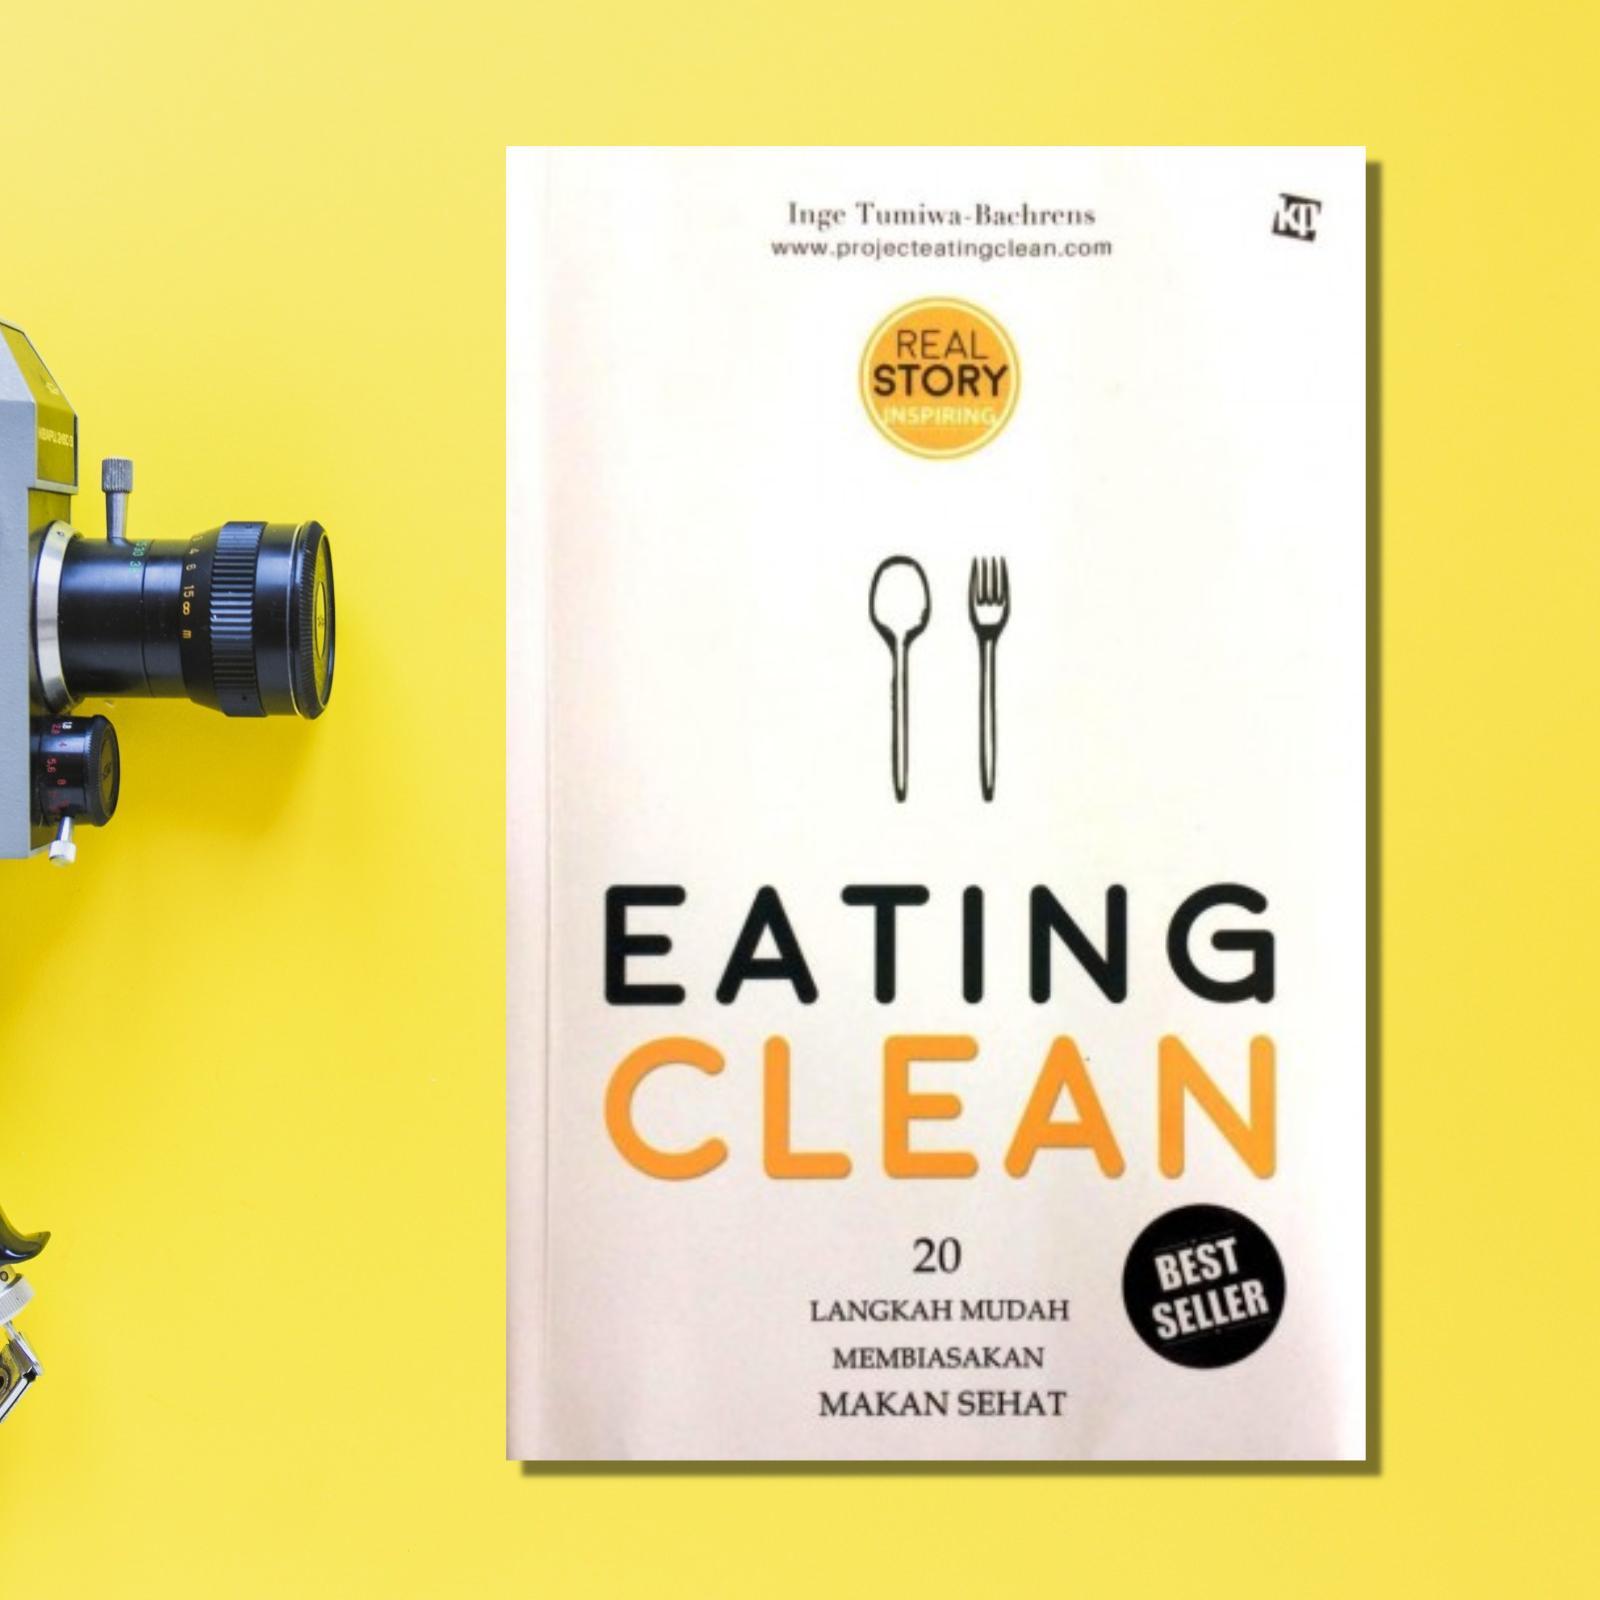 Buy Sell Cheapest Langkah Mudah Mengembangkan Best Quality Product 9 Menghafal Al Quran Eating Clean 20 Membiasakan Makan Sehat